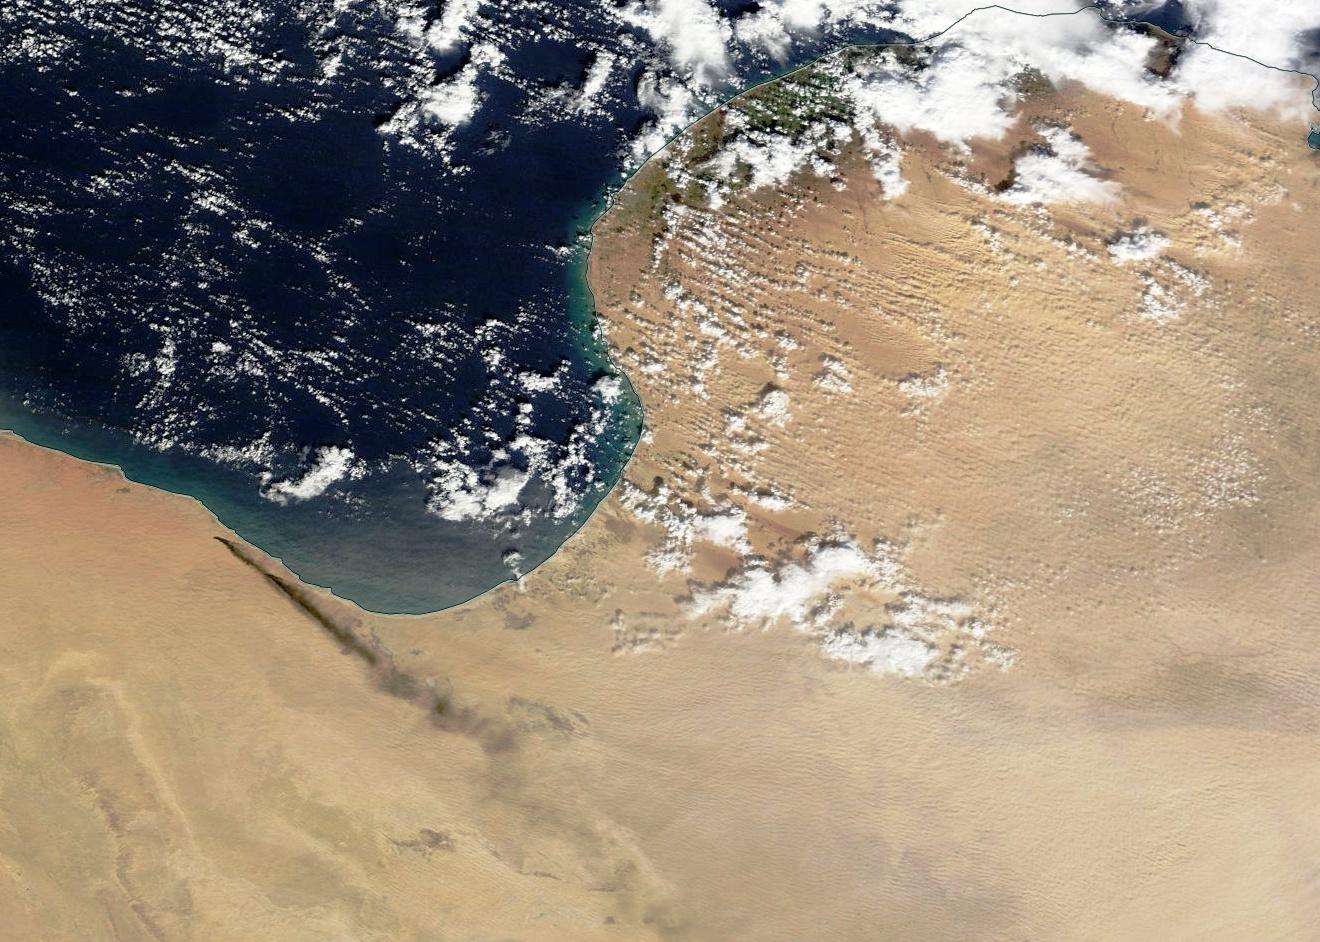 Libye - état islamique - EI - incendie - feux - terminaux pétroliers - Cuves stockage pétrole - Janvier 2016 - Satellite MODIS - Terra